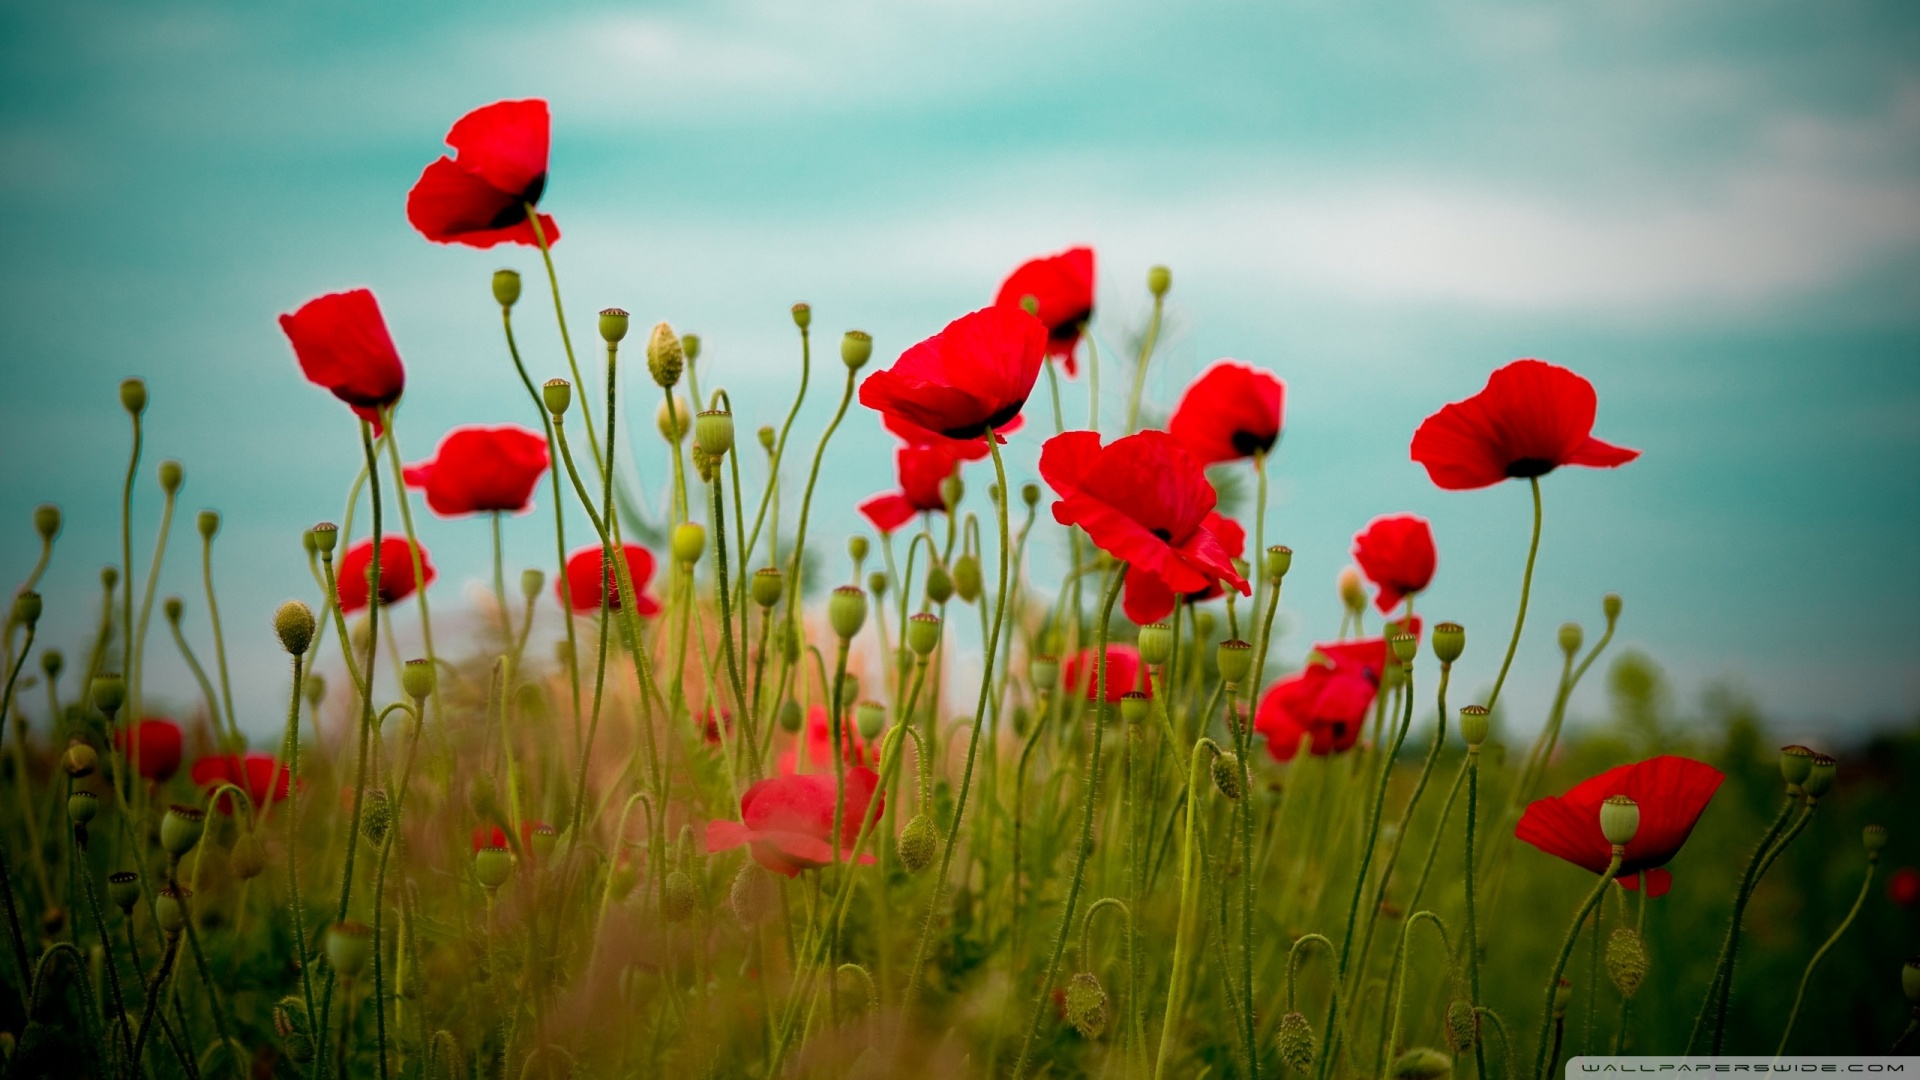 Beautiful Poppy Field Wallpaper 1920x1080 Beautiful Poppy Field 1920x1080